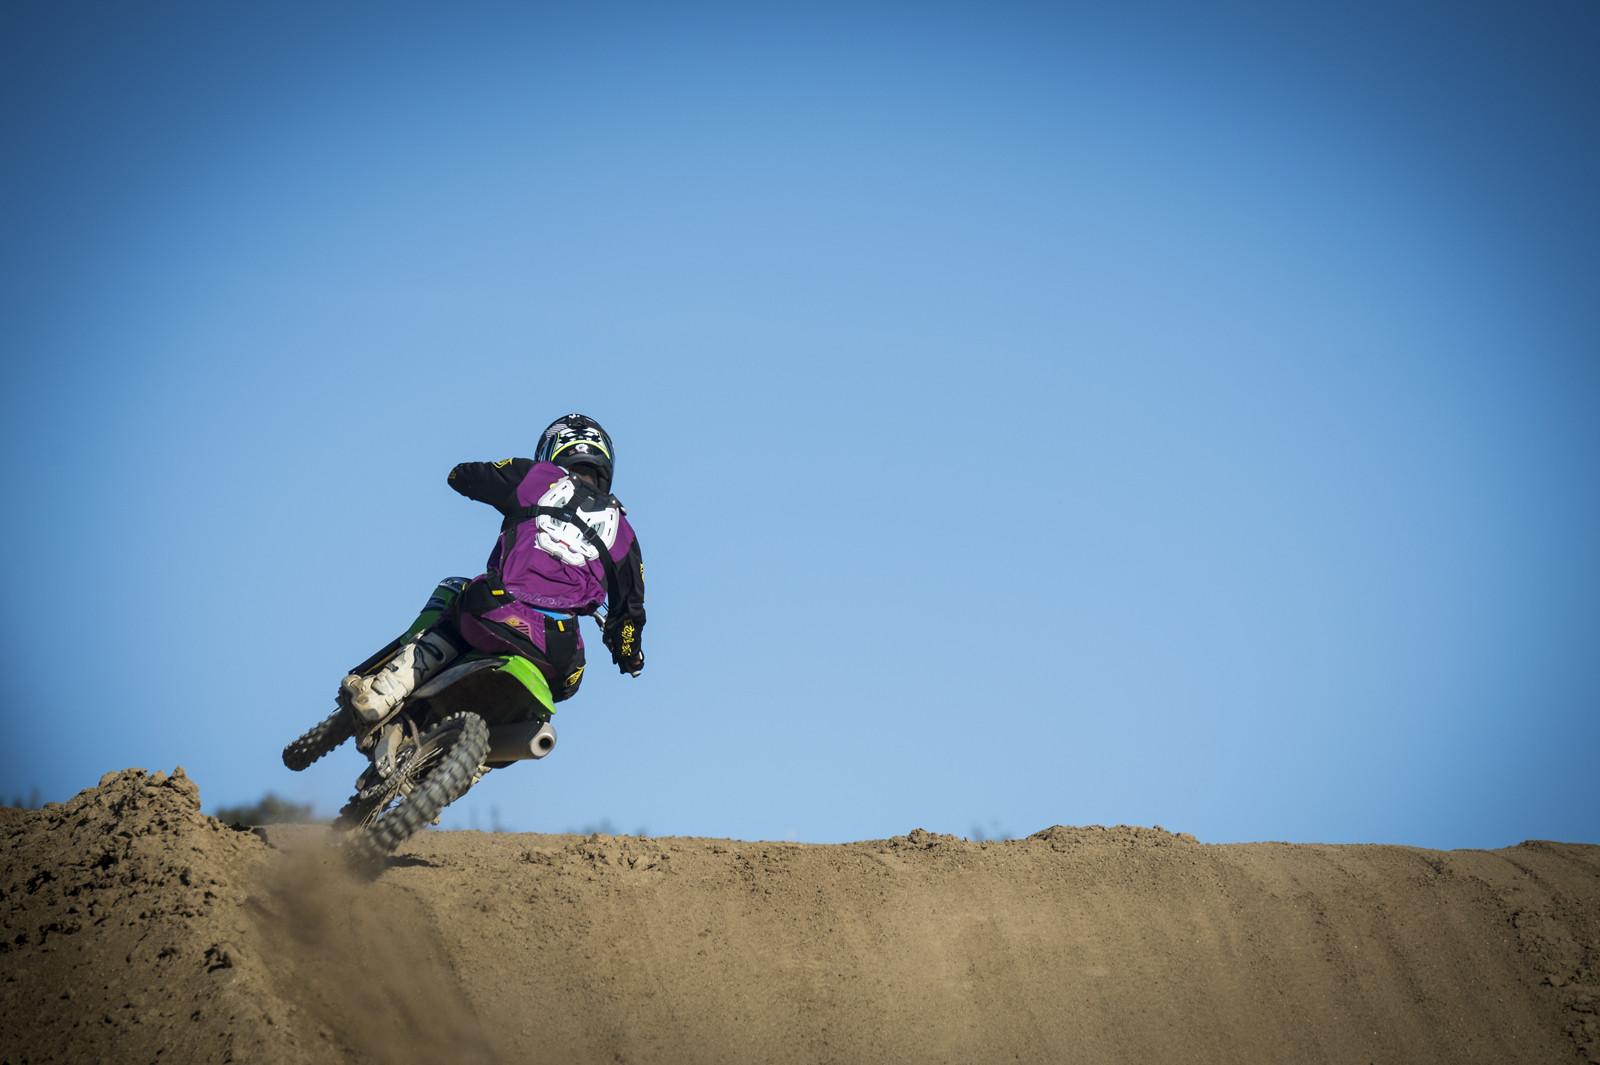 Eliot Jackson - Ian Collins - Mountain Biking Pictures - Vital MTB